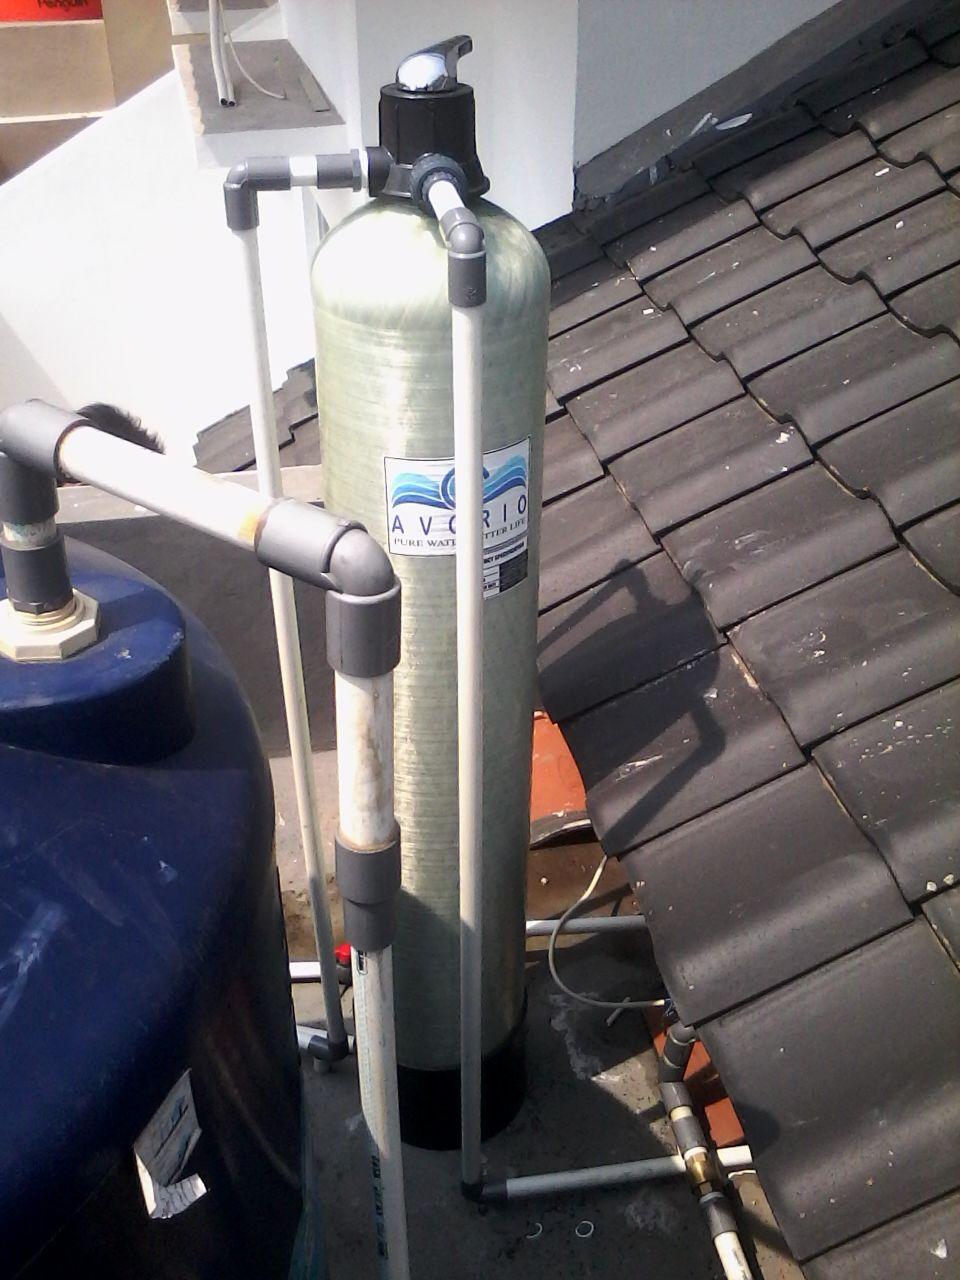 jual filter air murah di Jakarta, depok, tangernag, bekasi, cibubur, bogor, bandung. bersertifikat halal, dan garansi uang kembali.